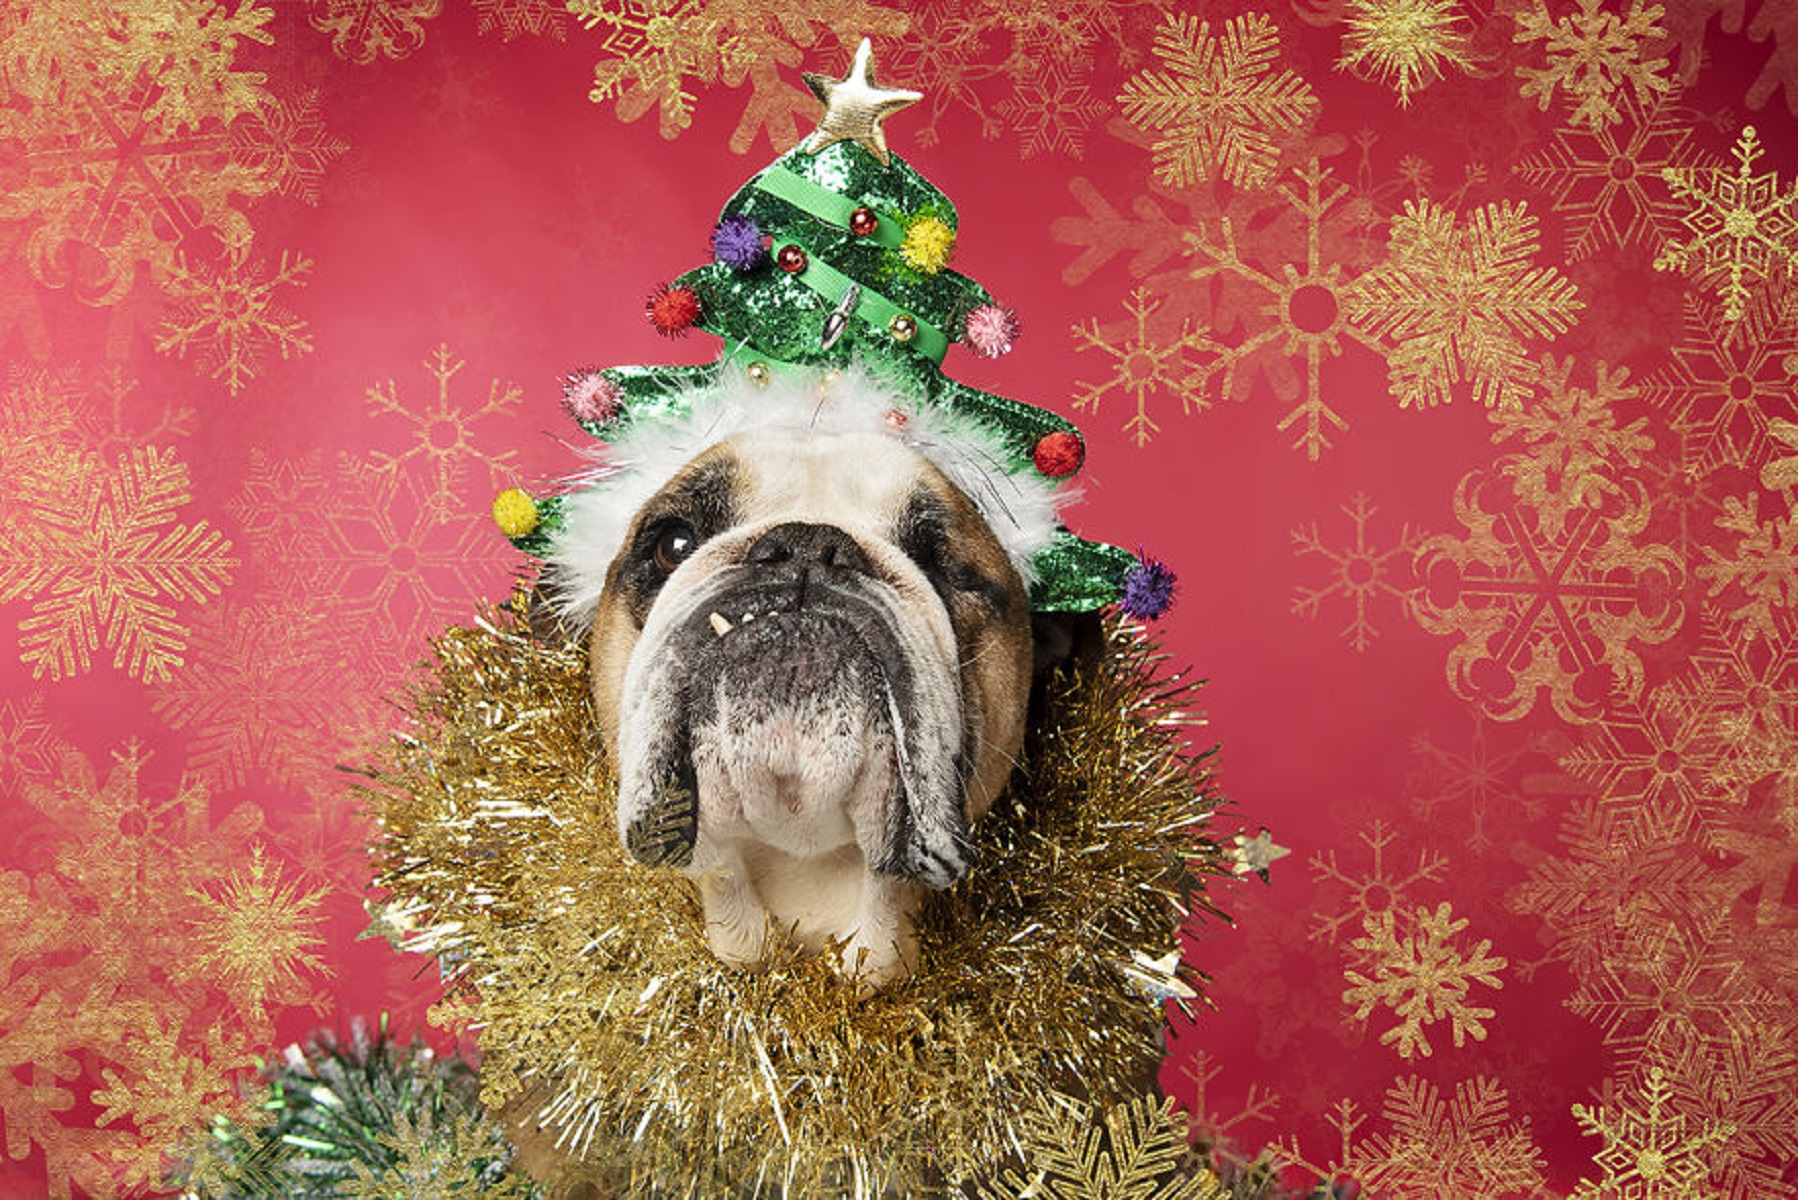 12 caes do Natal essa sessao de fotos natalinas vai te ajudar a entrar no espirito natalino 1